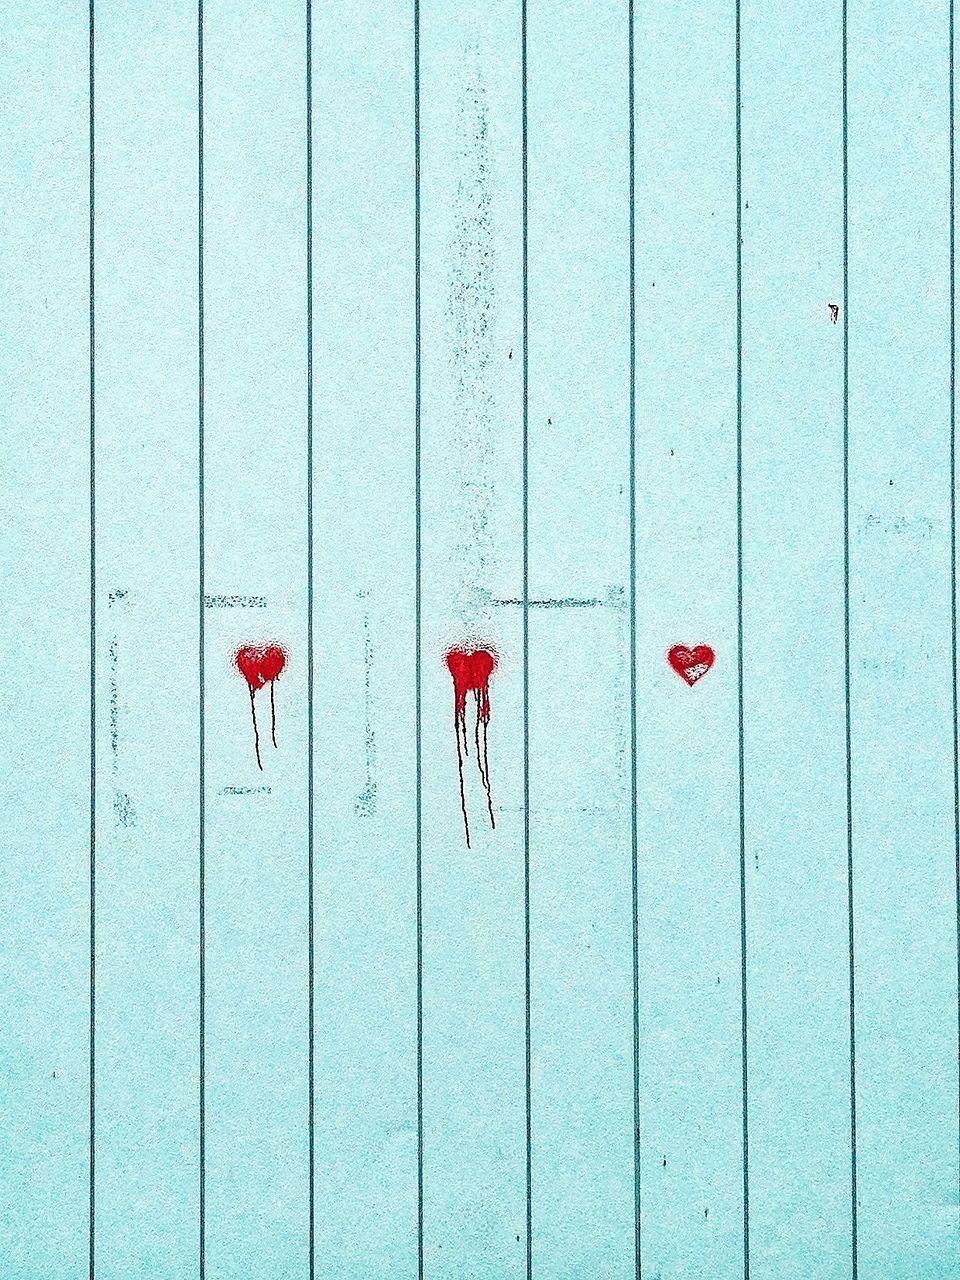 Heart Shapes On Wooden Door